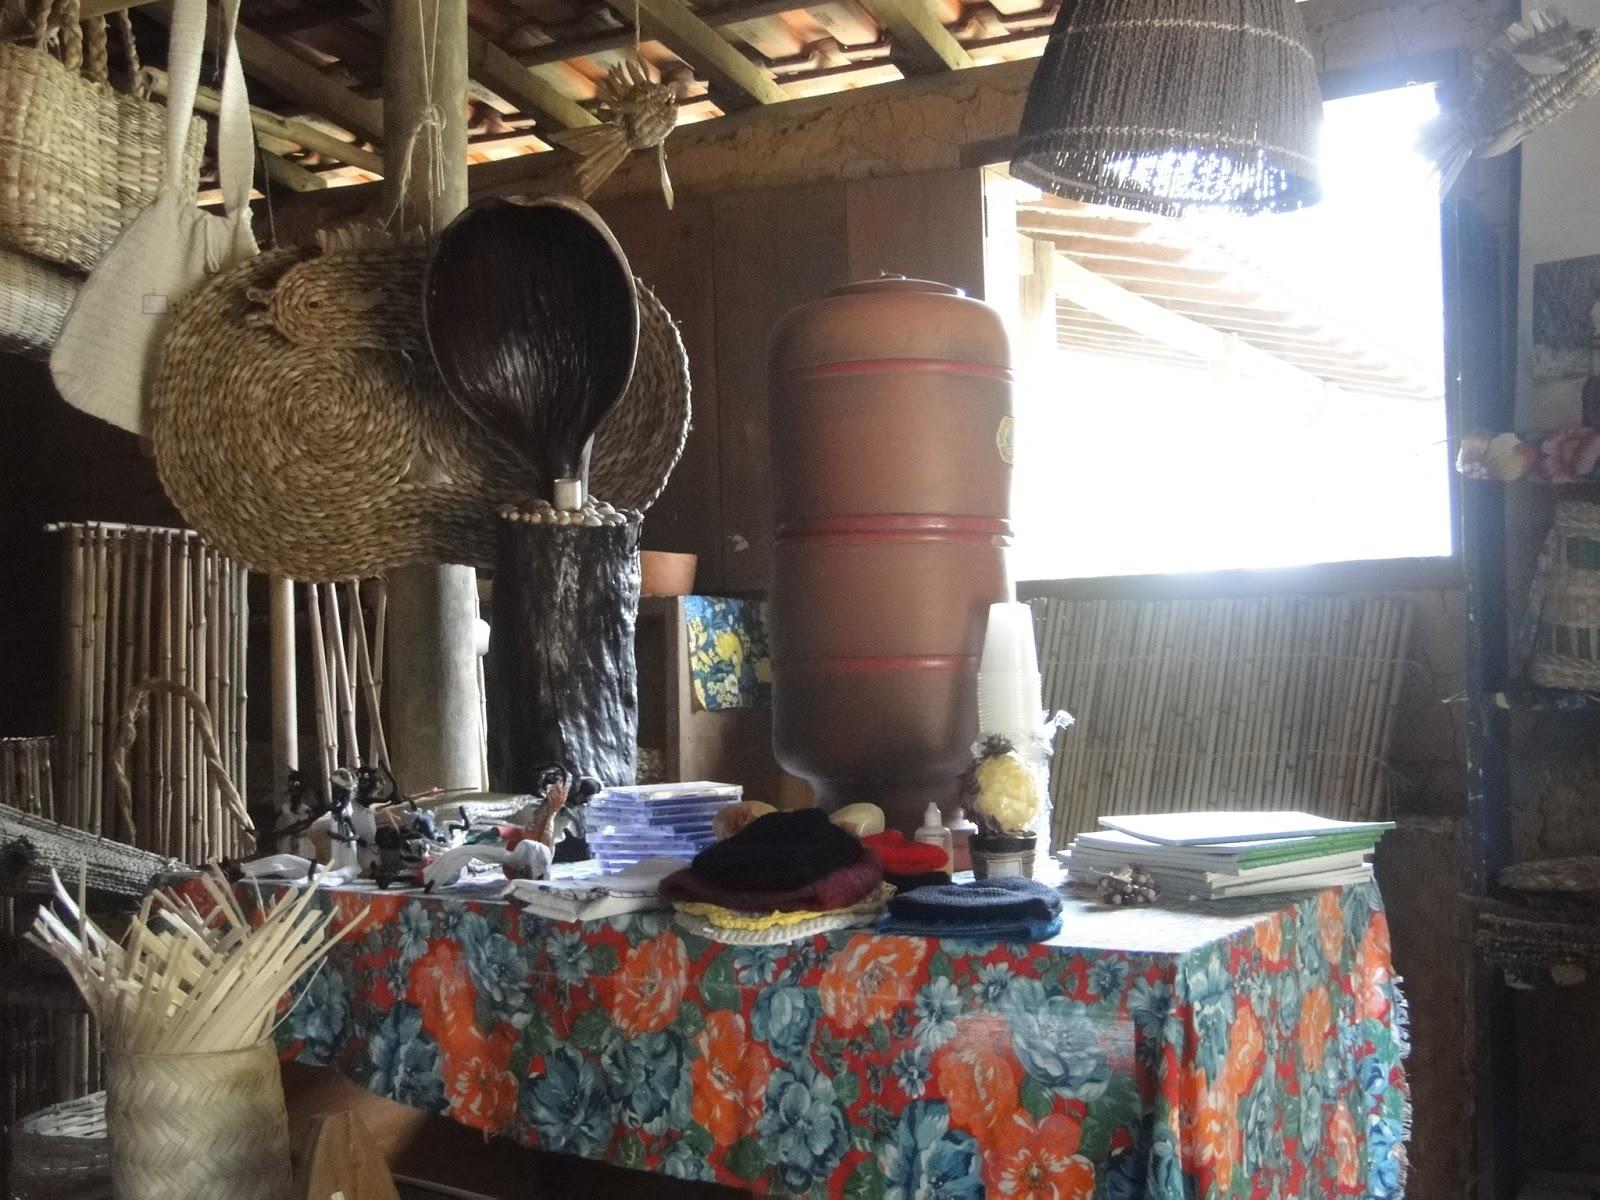 Adesivo Infantil De Parede ~ Cultura dos Tambores Quilombo do campinho